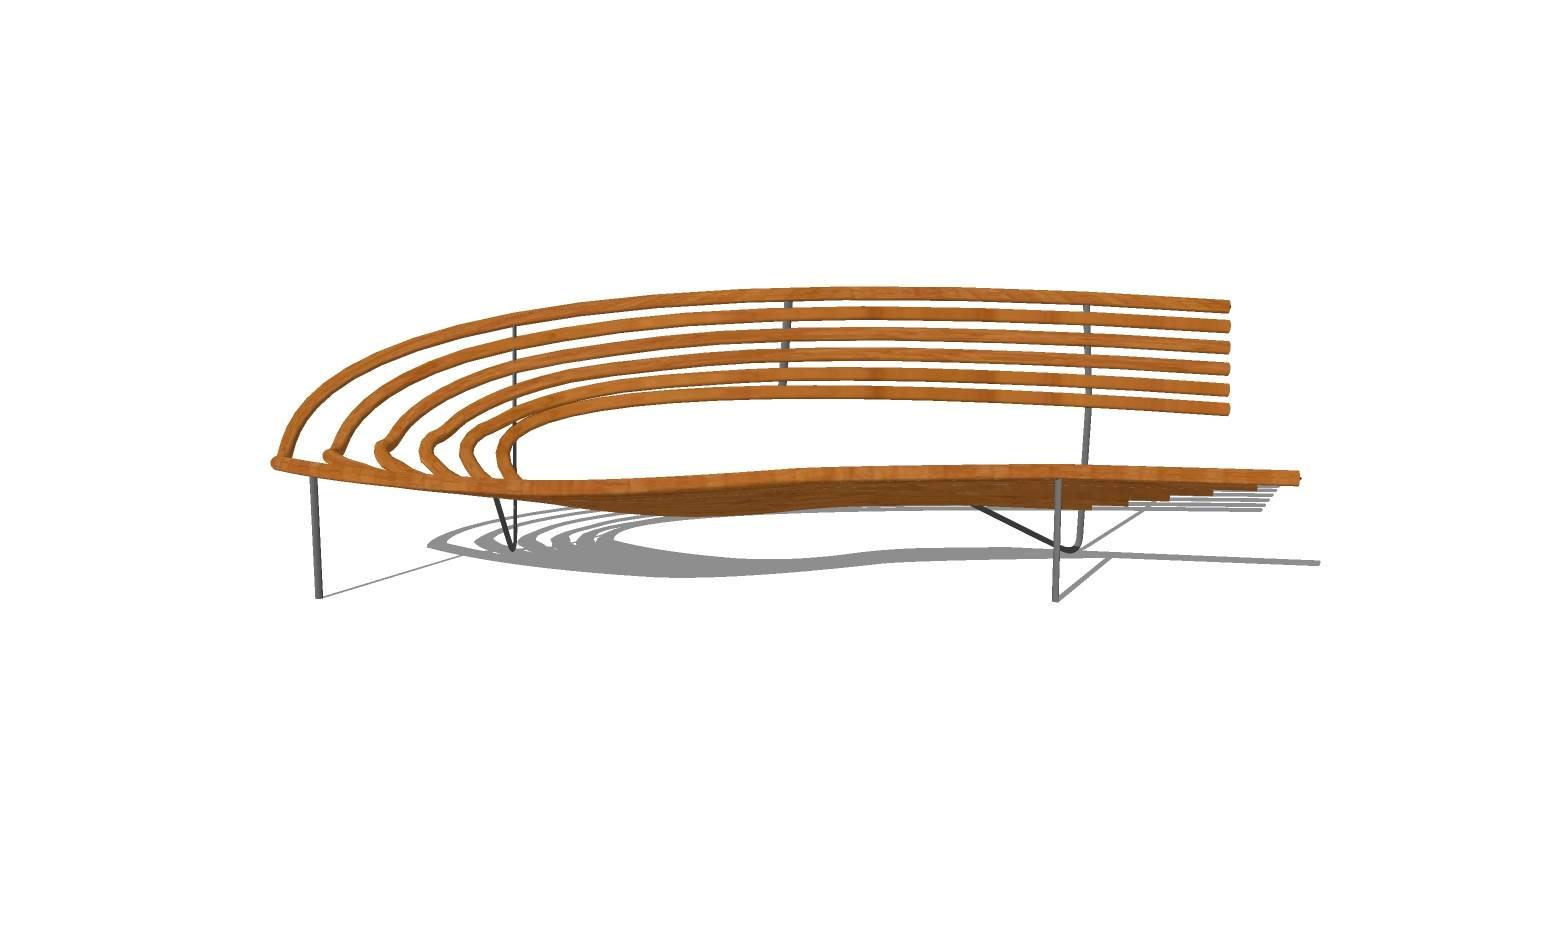 创意坐凳 长凳  弧形凳子 广场 公园 商业 公共空间 木质 休闲 景观园林模型